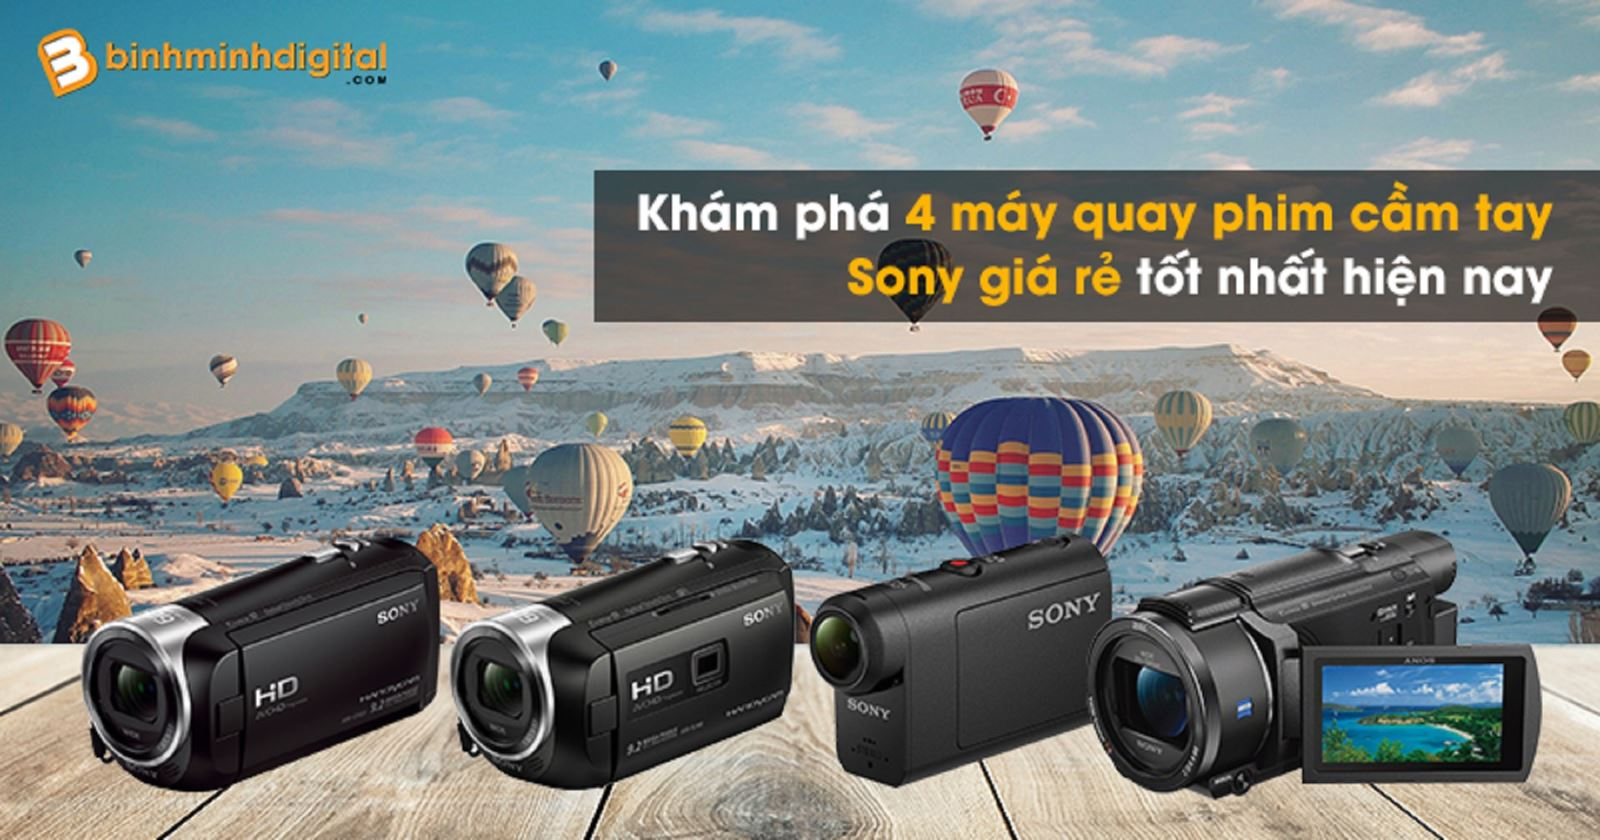 Khám phá4 máy quay phim cầm tay Sony giá rẻ tốt nhất hiện nay